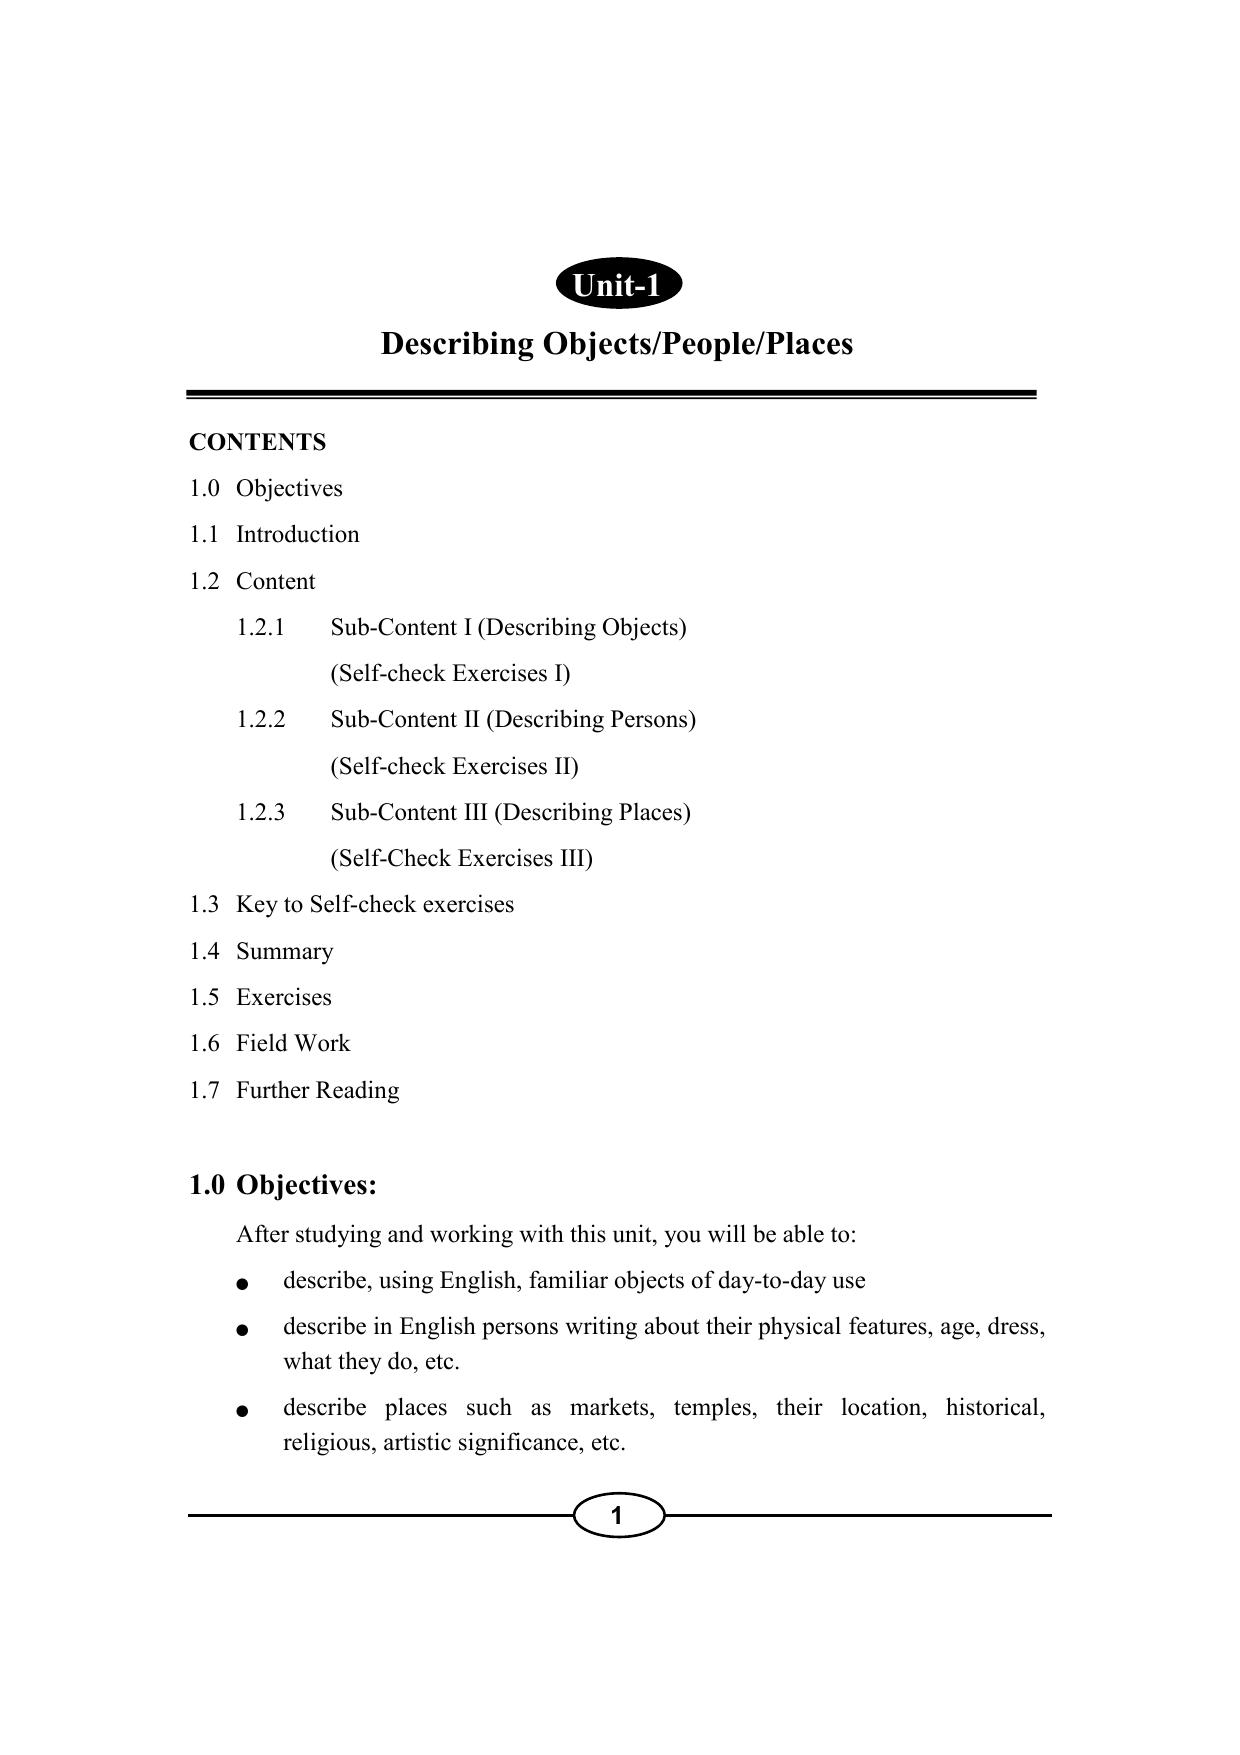 Unit-1 Describing Objects/People/Places   manualzz com